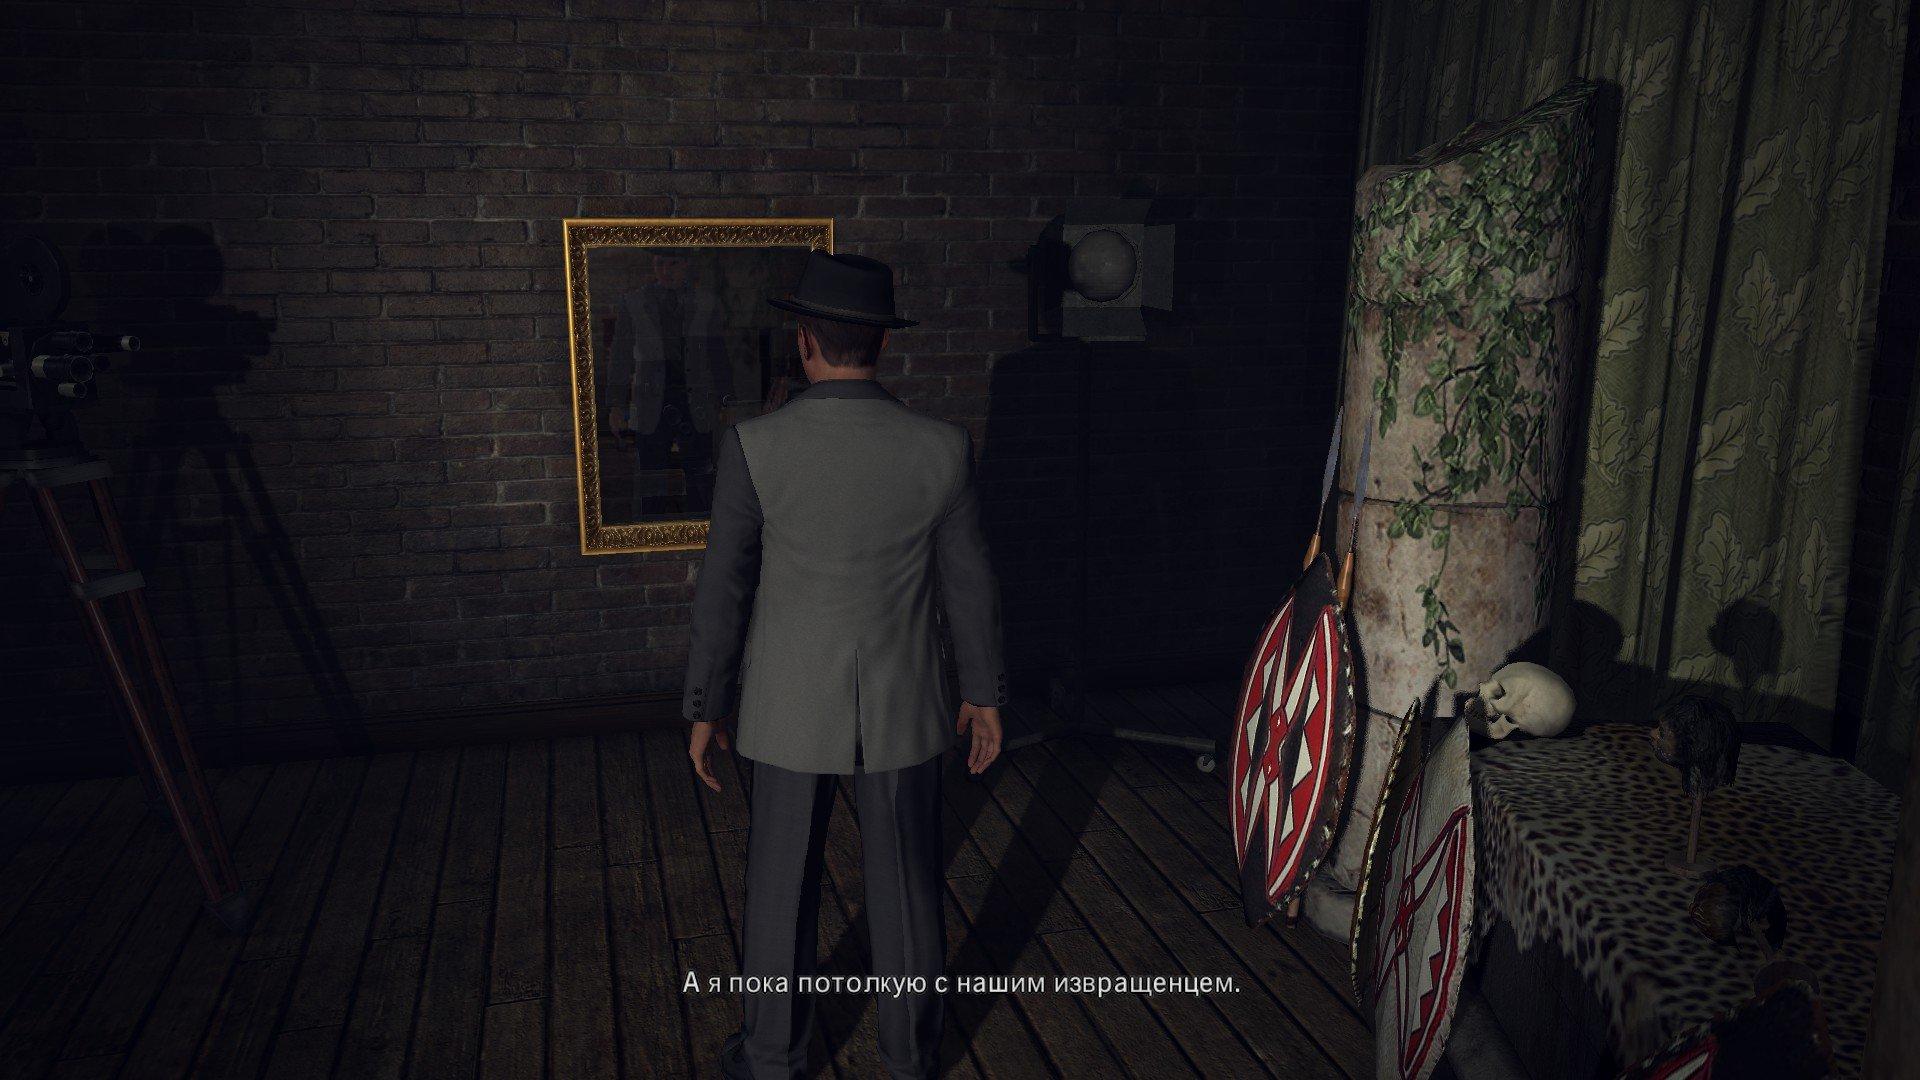 Пост-прохождение L.A. Noire Часть 5. - Изображение 34